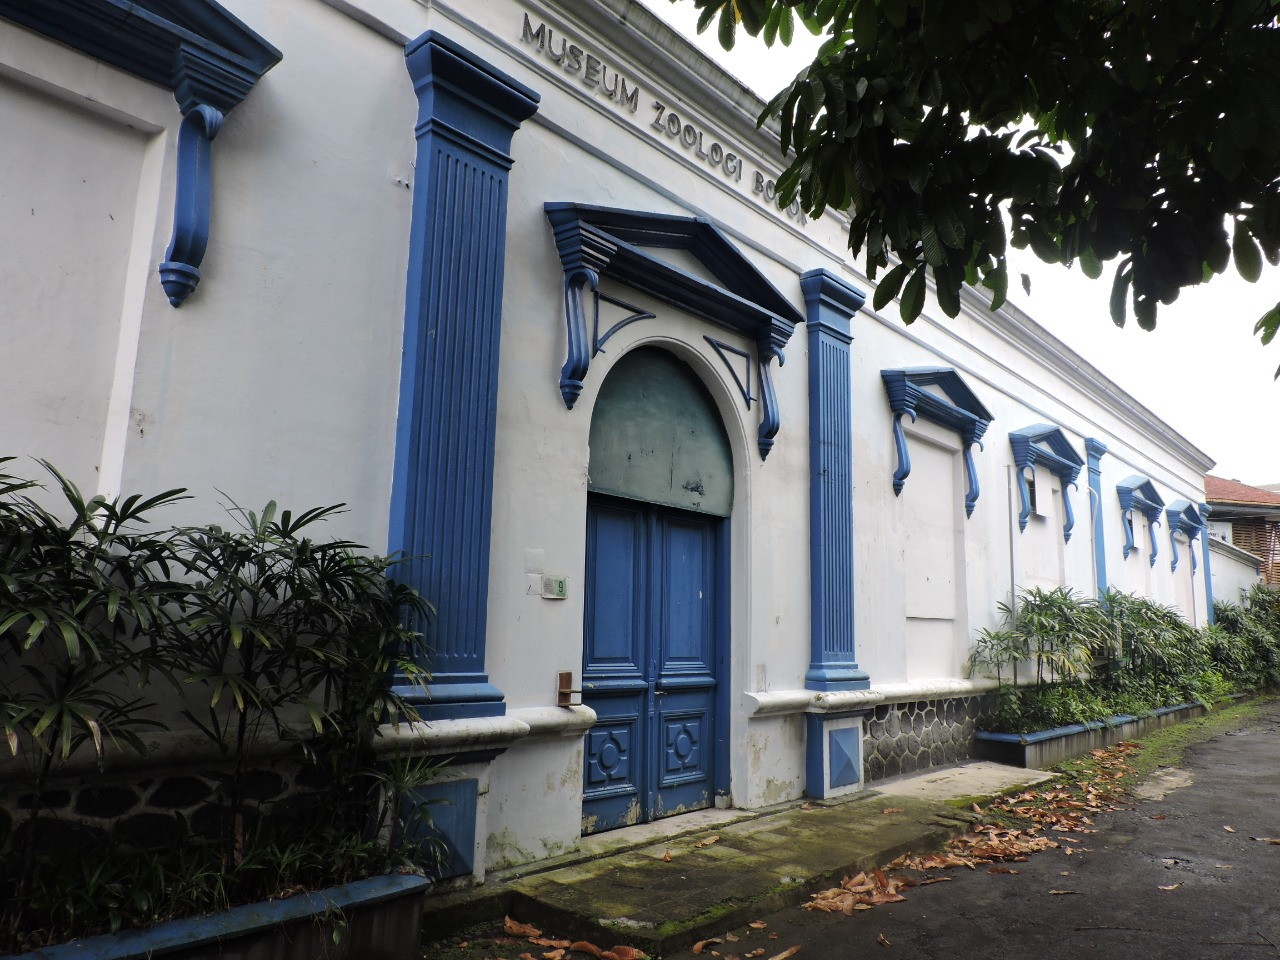 Read more about the article BPCB Provinsi Banten Lakukan Penggambaran Bangunan Museum Zoologi Bogor